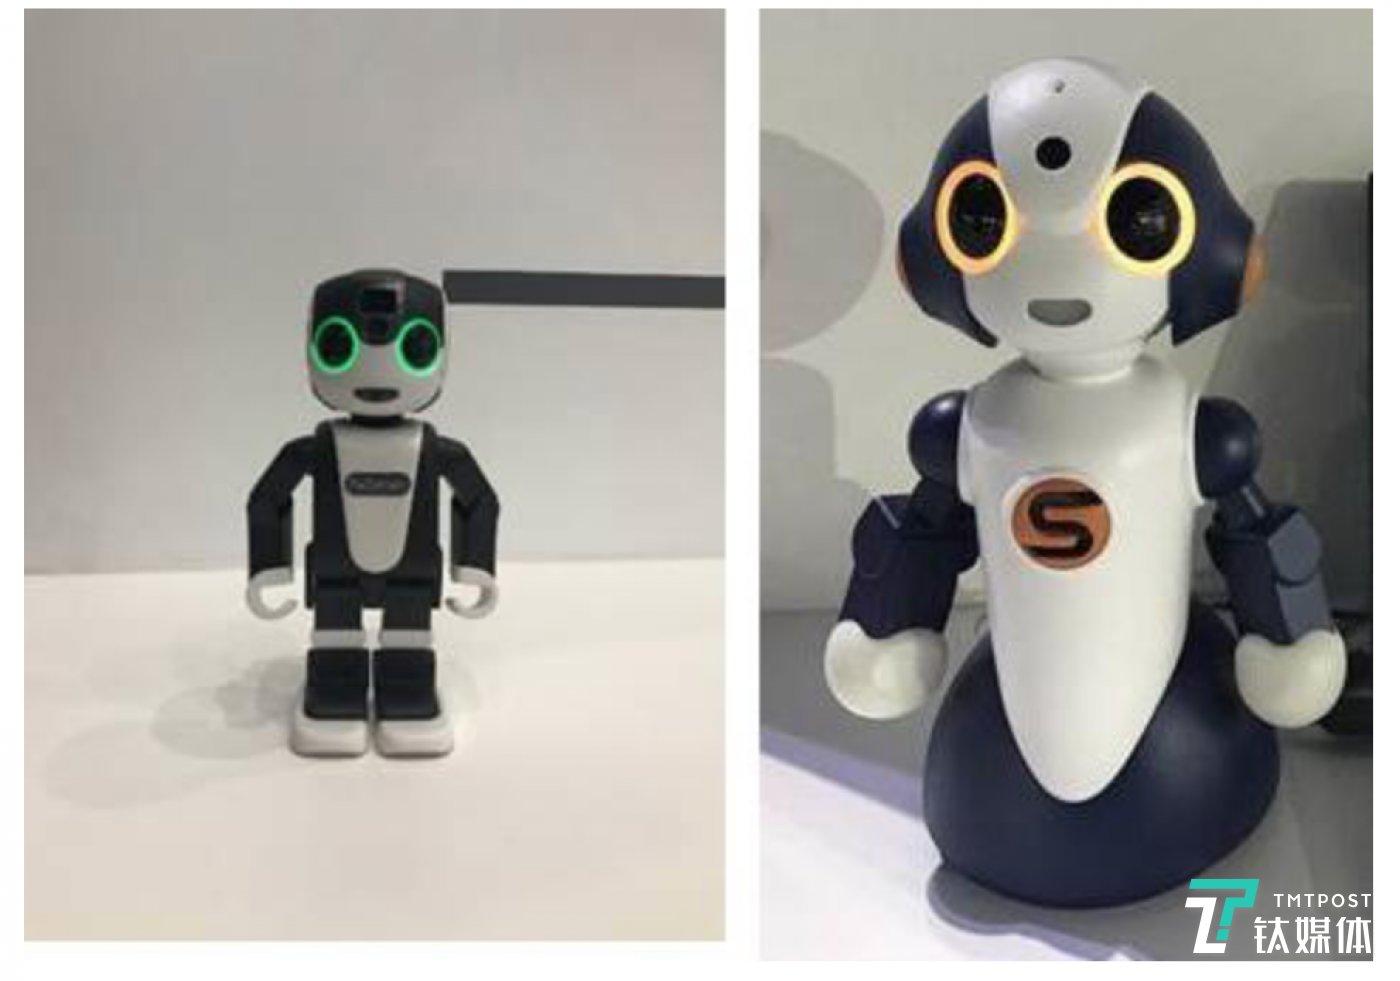 dxLab(电通传媒实验室)中的研发成果,包括智能手机和机器人组合RoBoHoN、护理机器人Sota